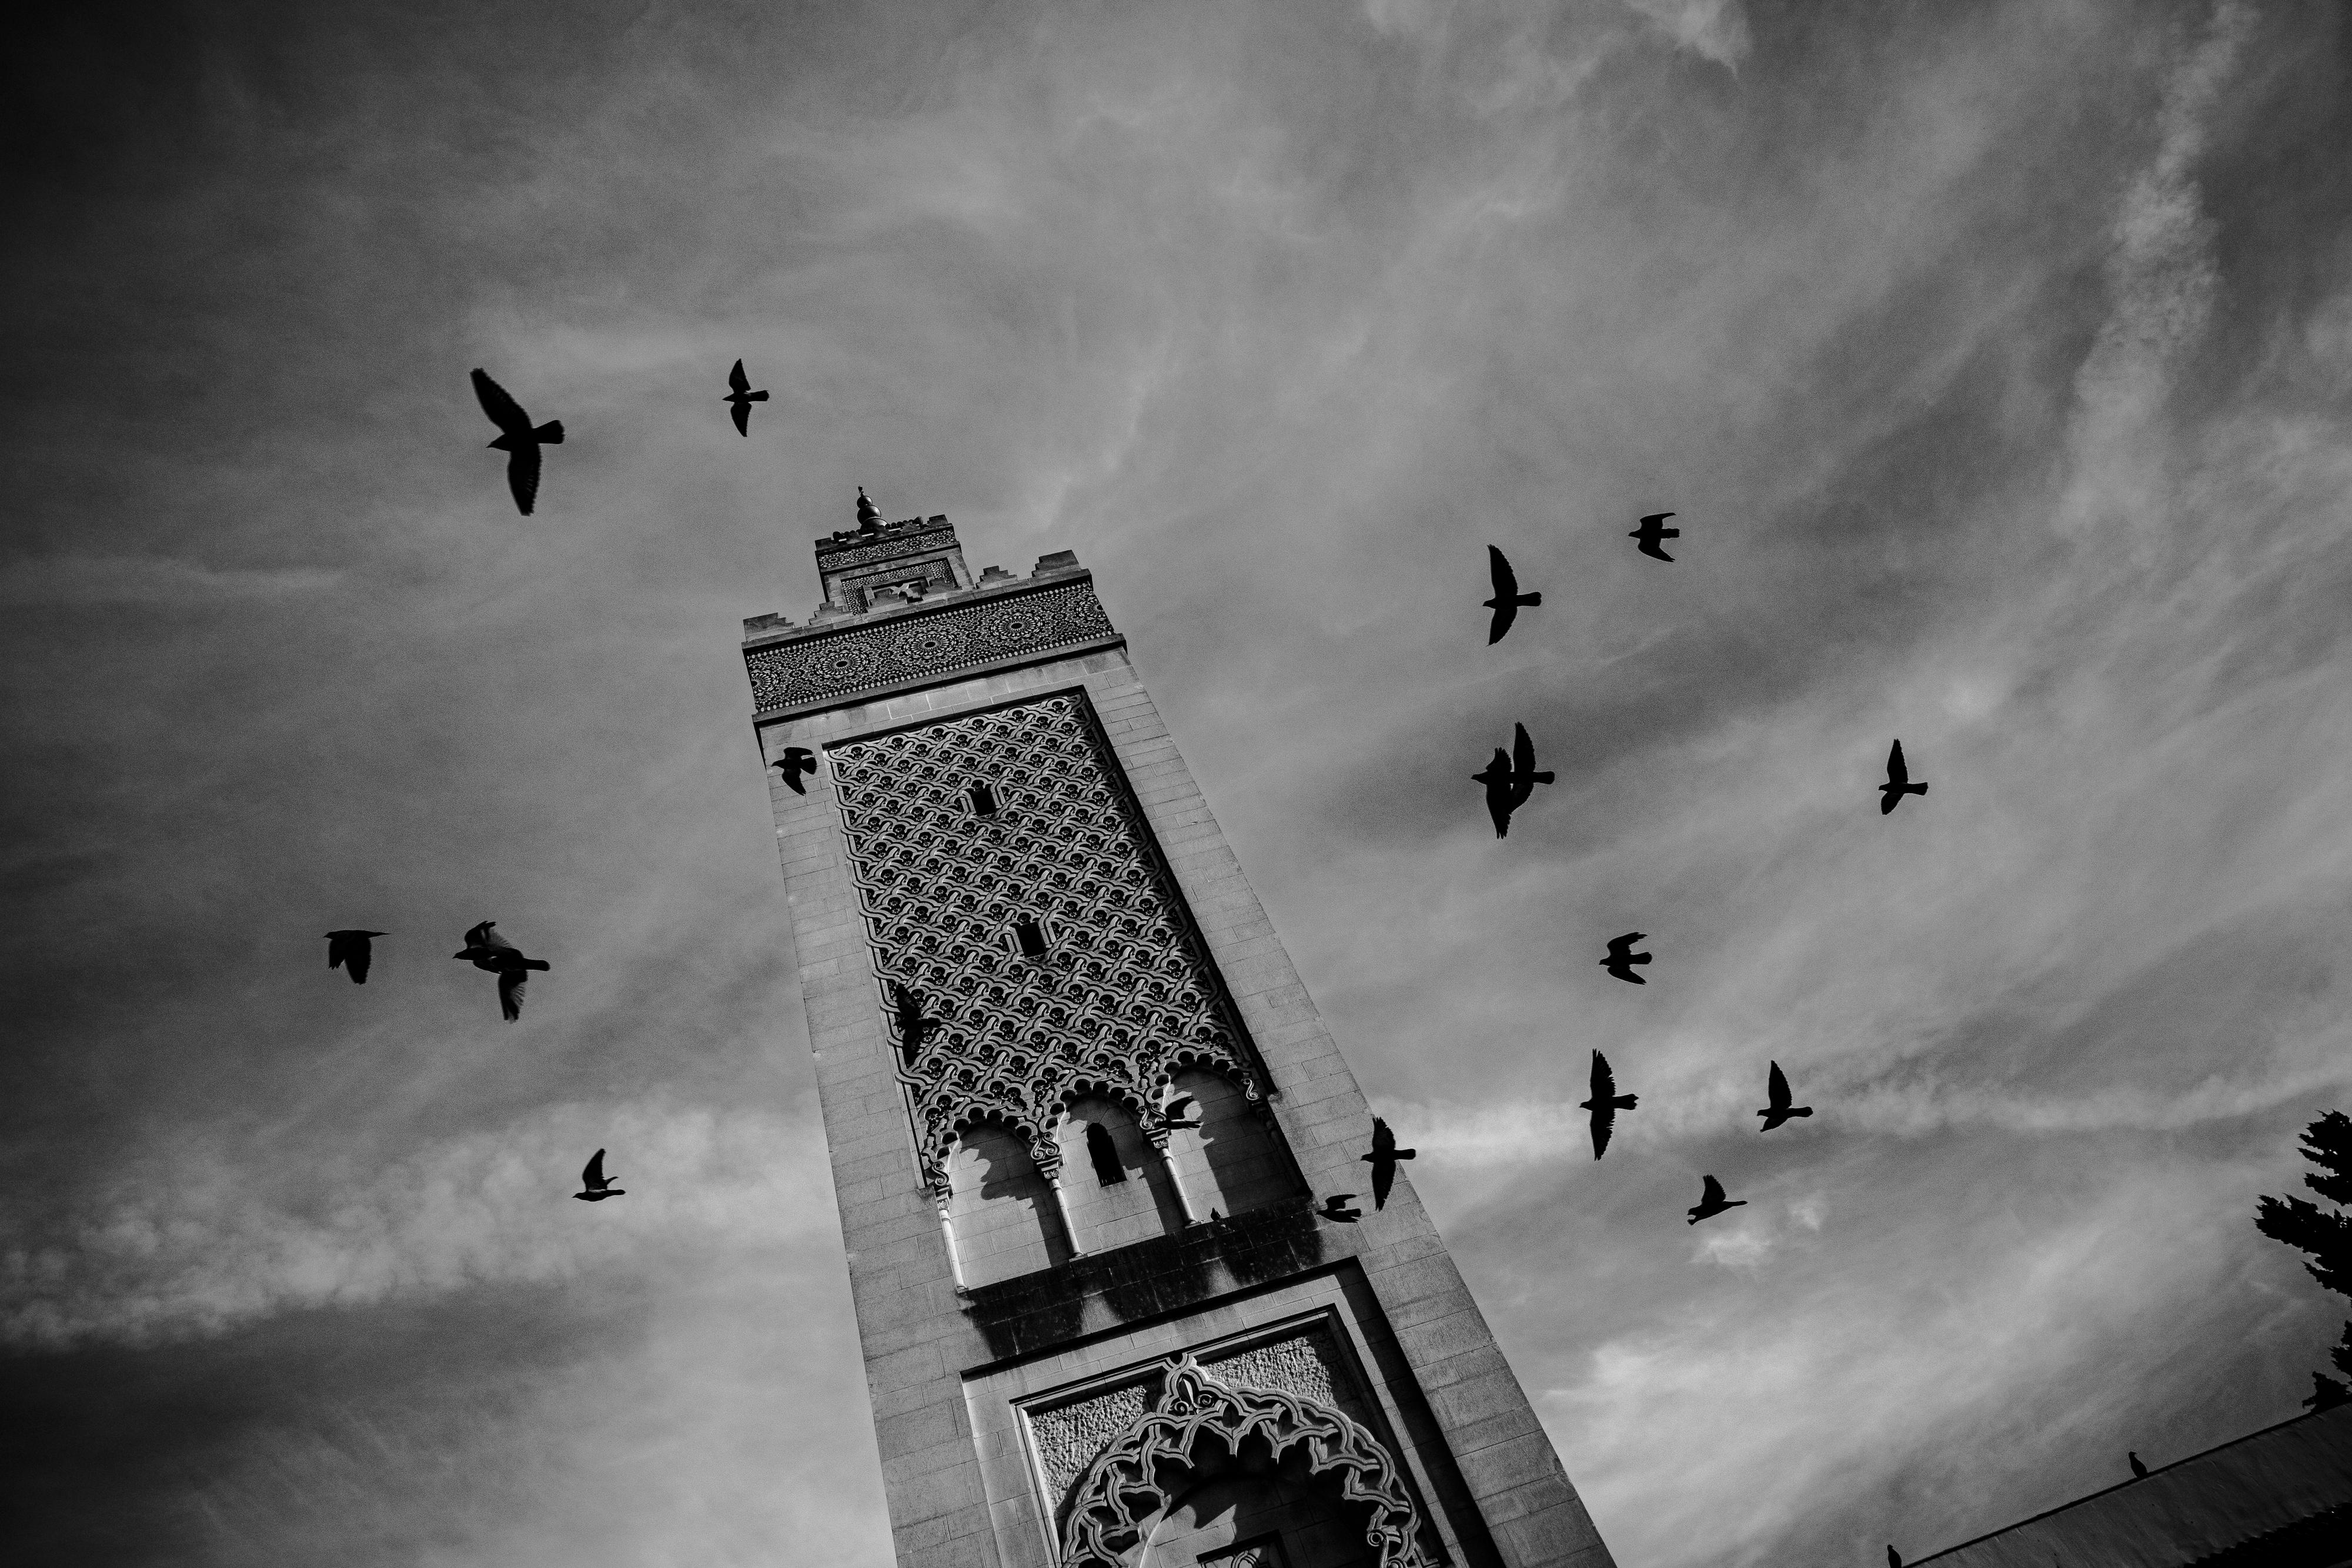 Der Halbmond, das Kreuz, der Stern, die Leere   zenith.me - Islam ...